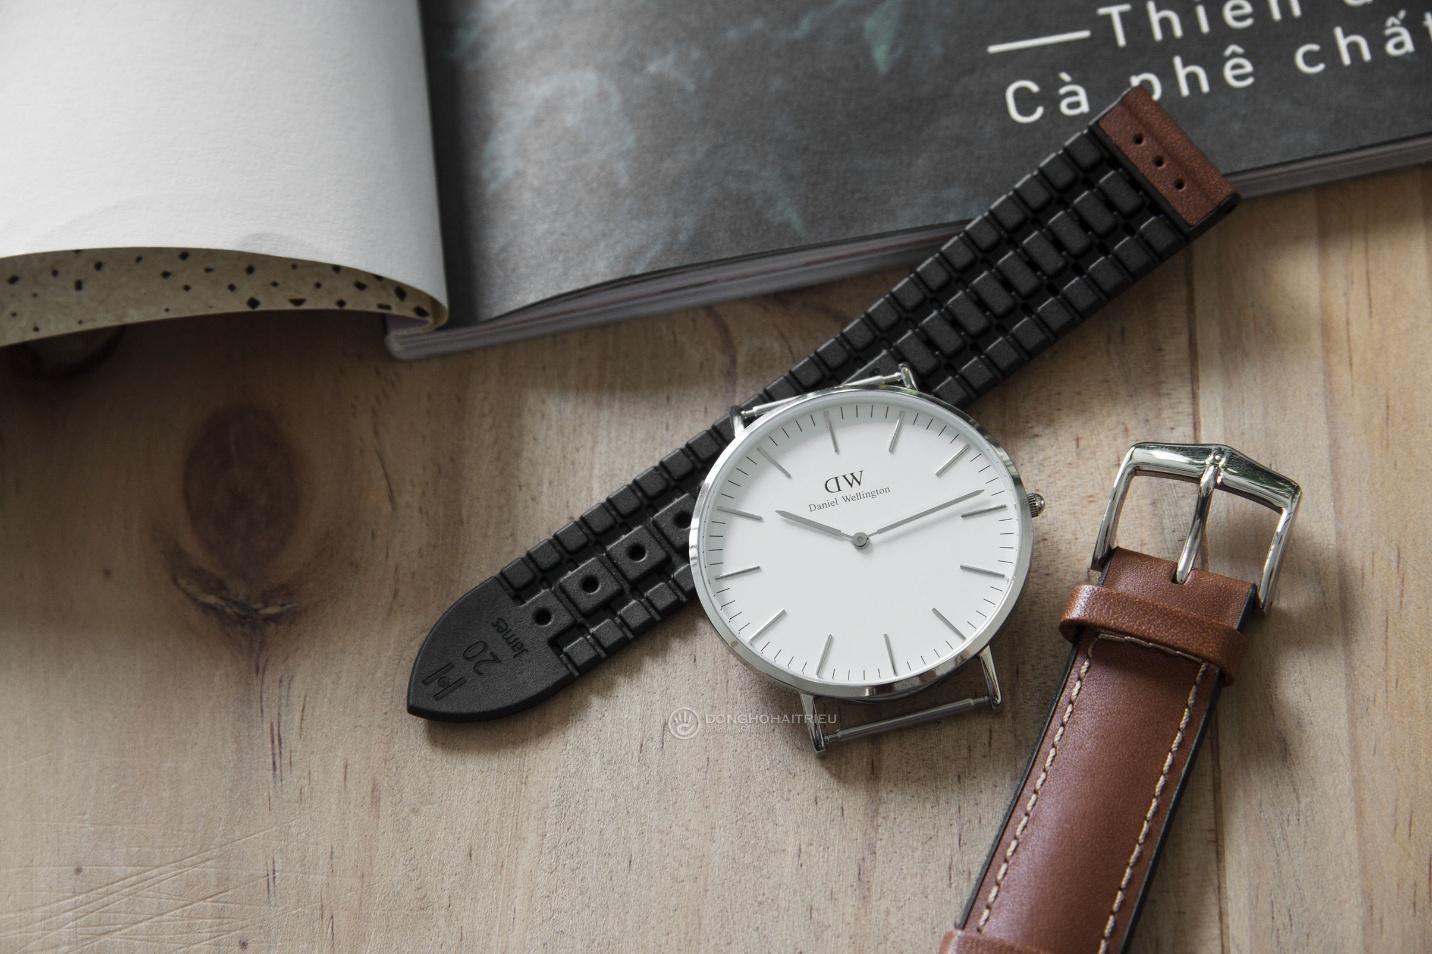 Bộ sưu tập dây da được các thương hiệu đồng hồ nổi tiếng thế giới ưa chuộng - Ảnh 3.